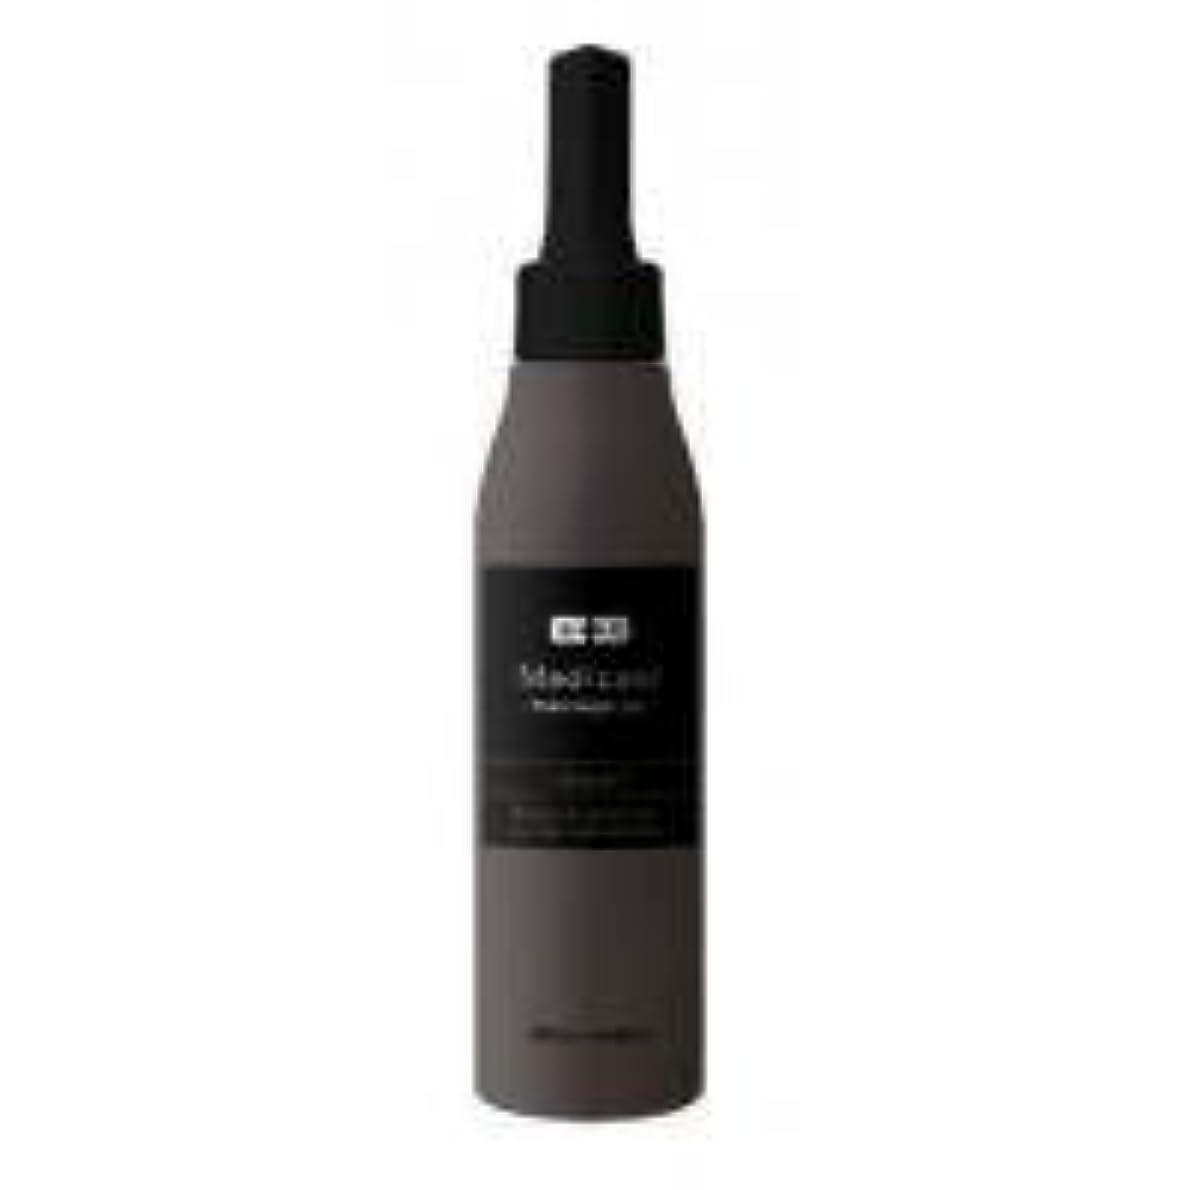 塩アイドル主要なメディクール103416-MDC-BK(ブラック)